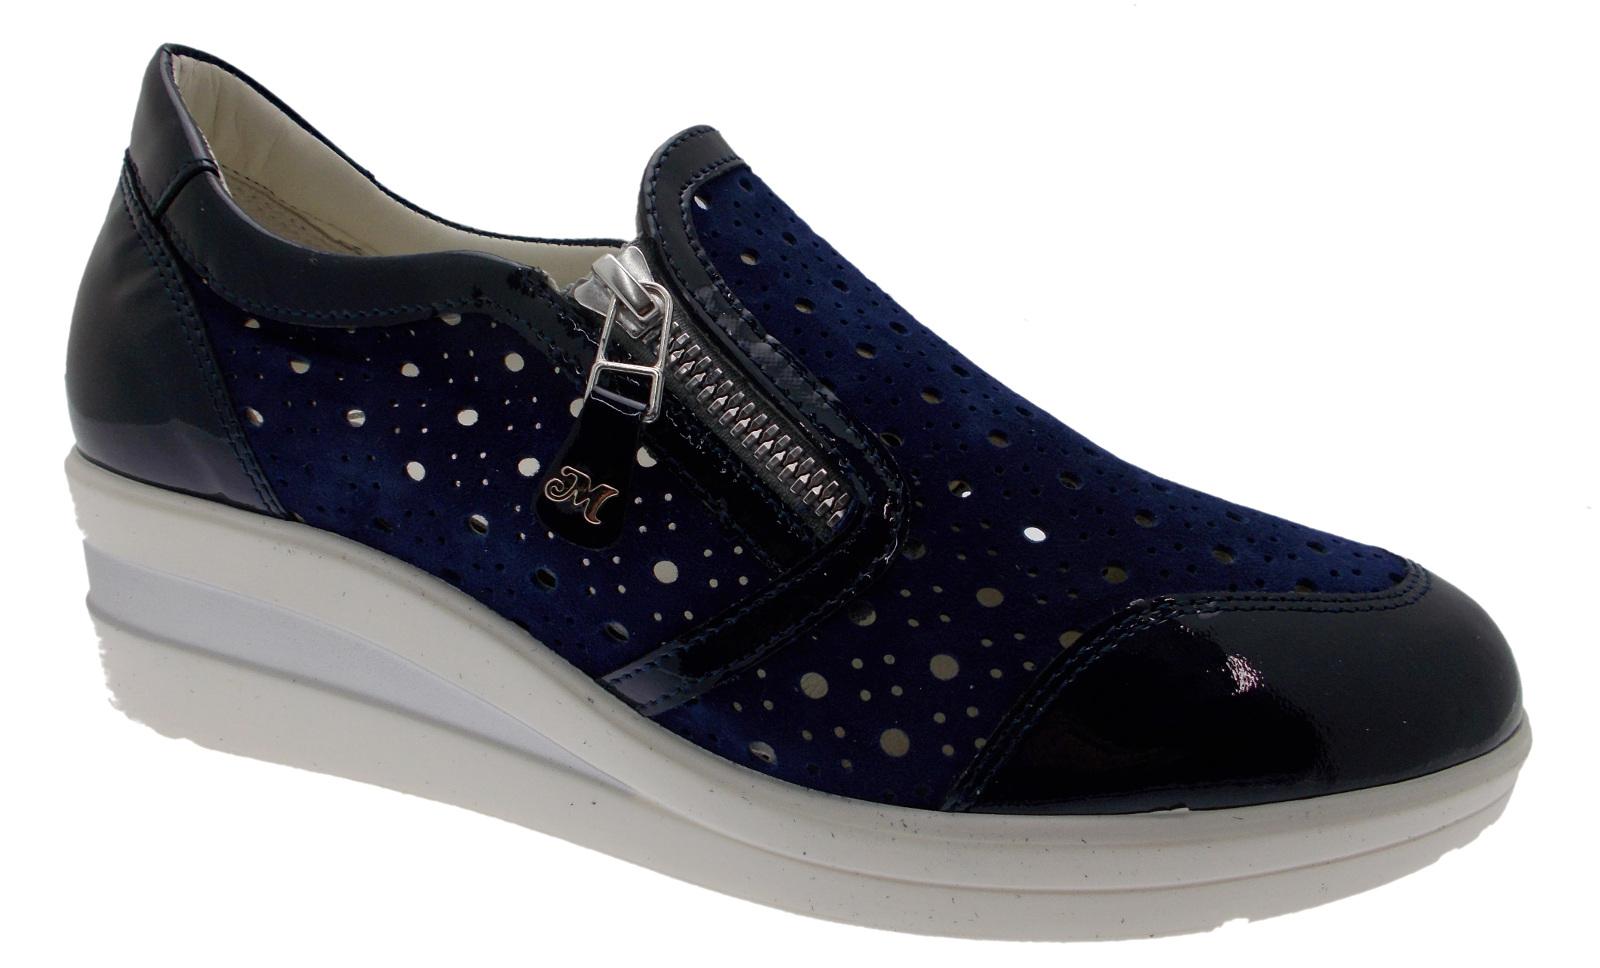 R20166 blu cerniera plantare zeppa scarpe da ginnastica Melluso | Prestazione eccellente  | Uomini/Donna Scarpa